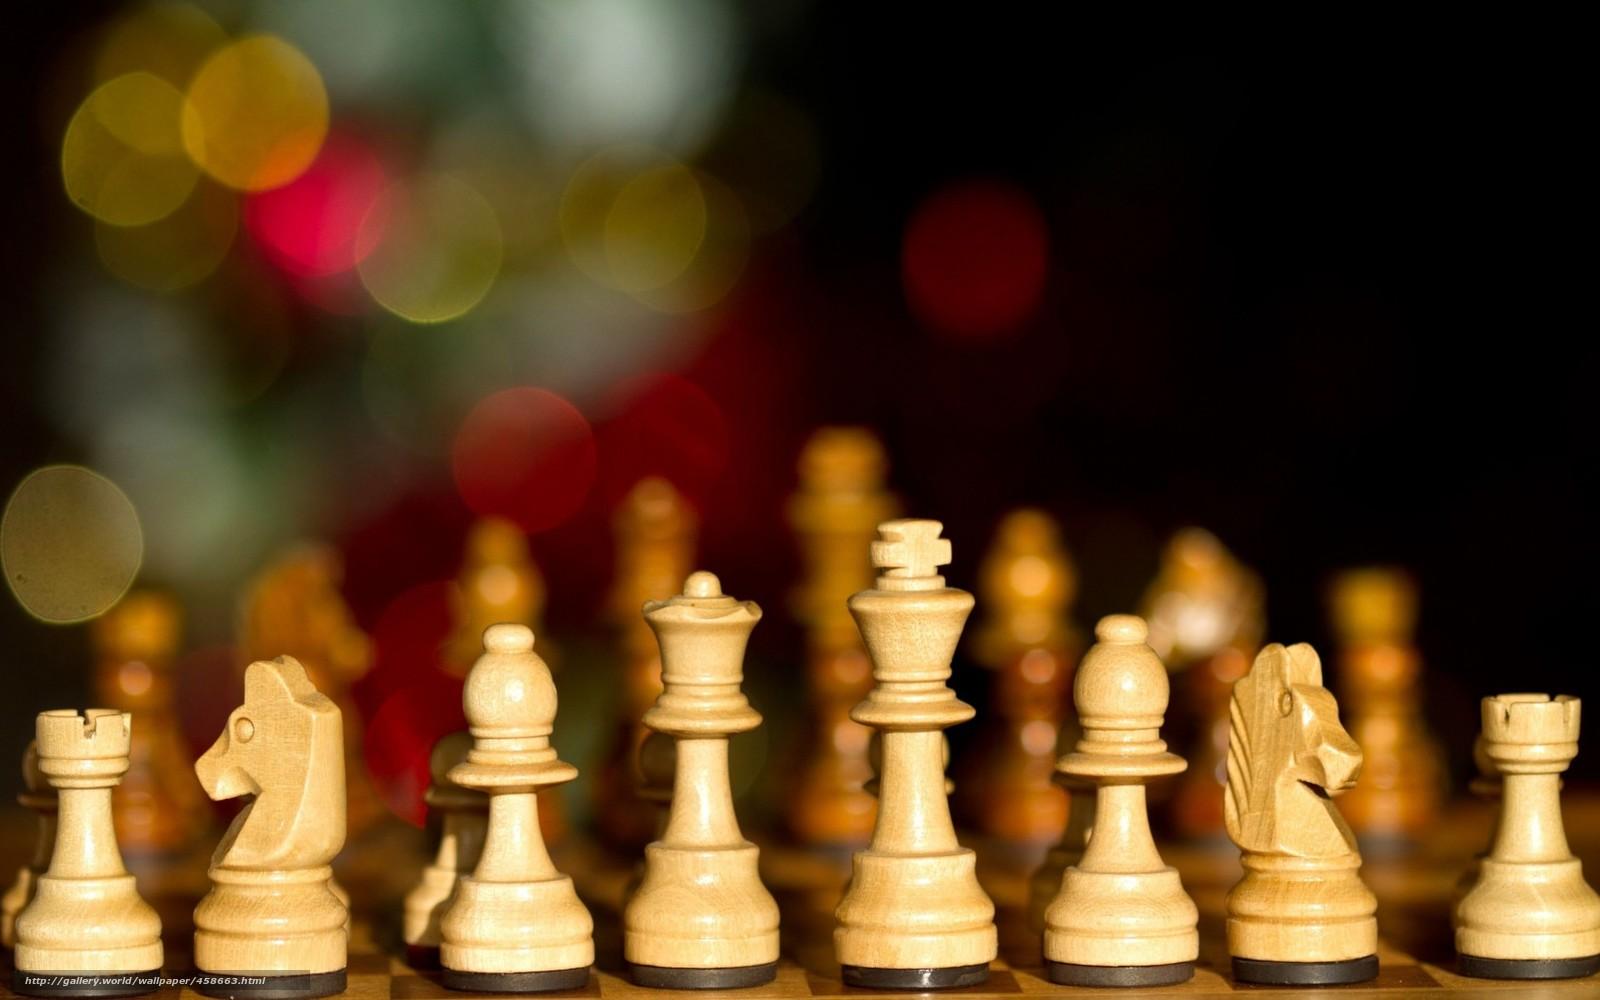 Картинка с днем шахматиста, отношений картинки лет